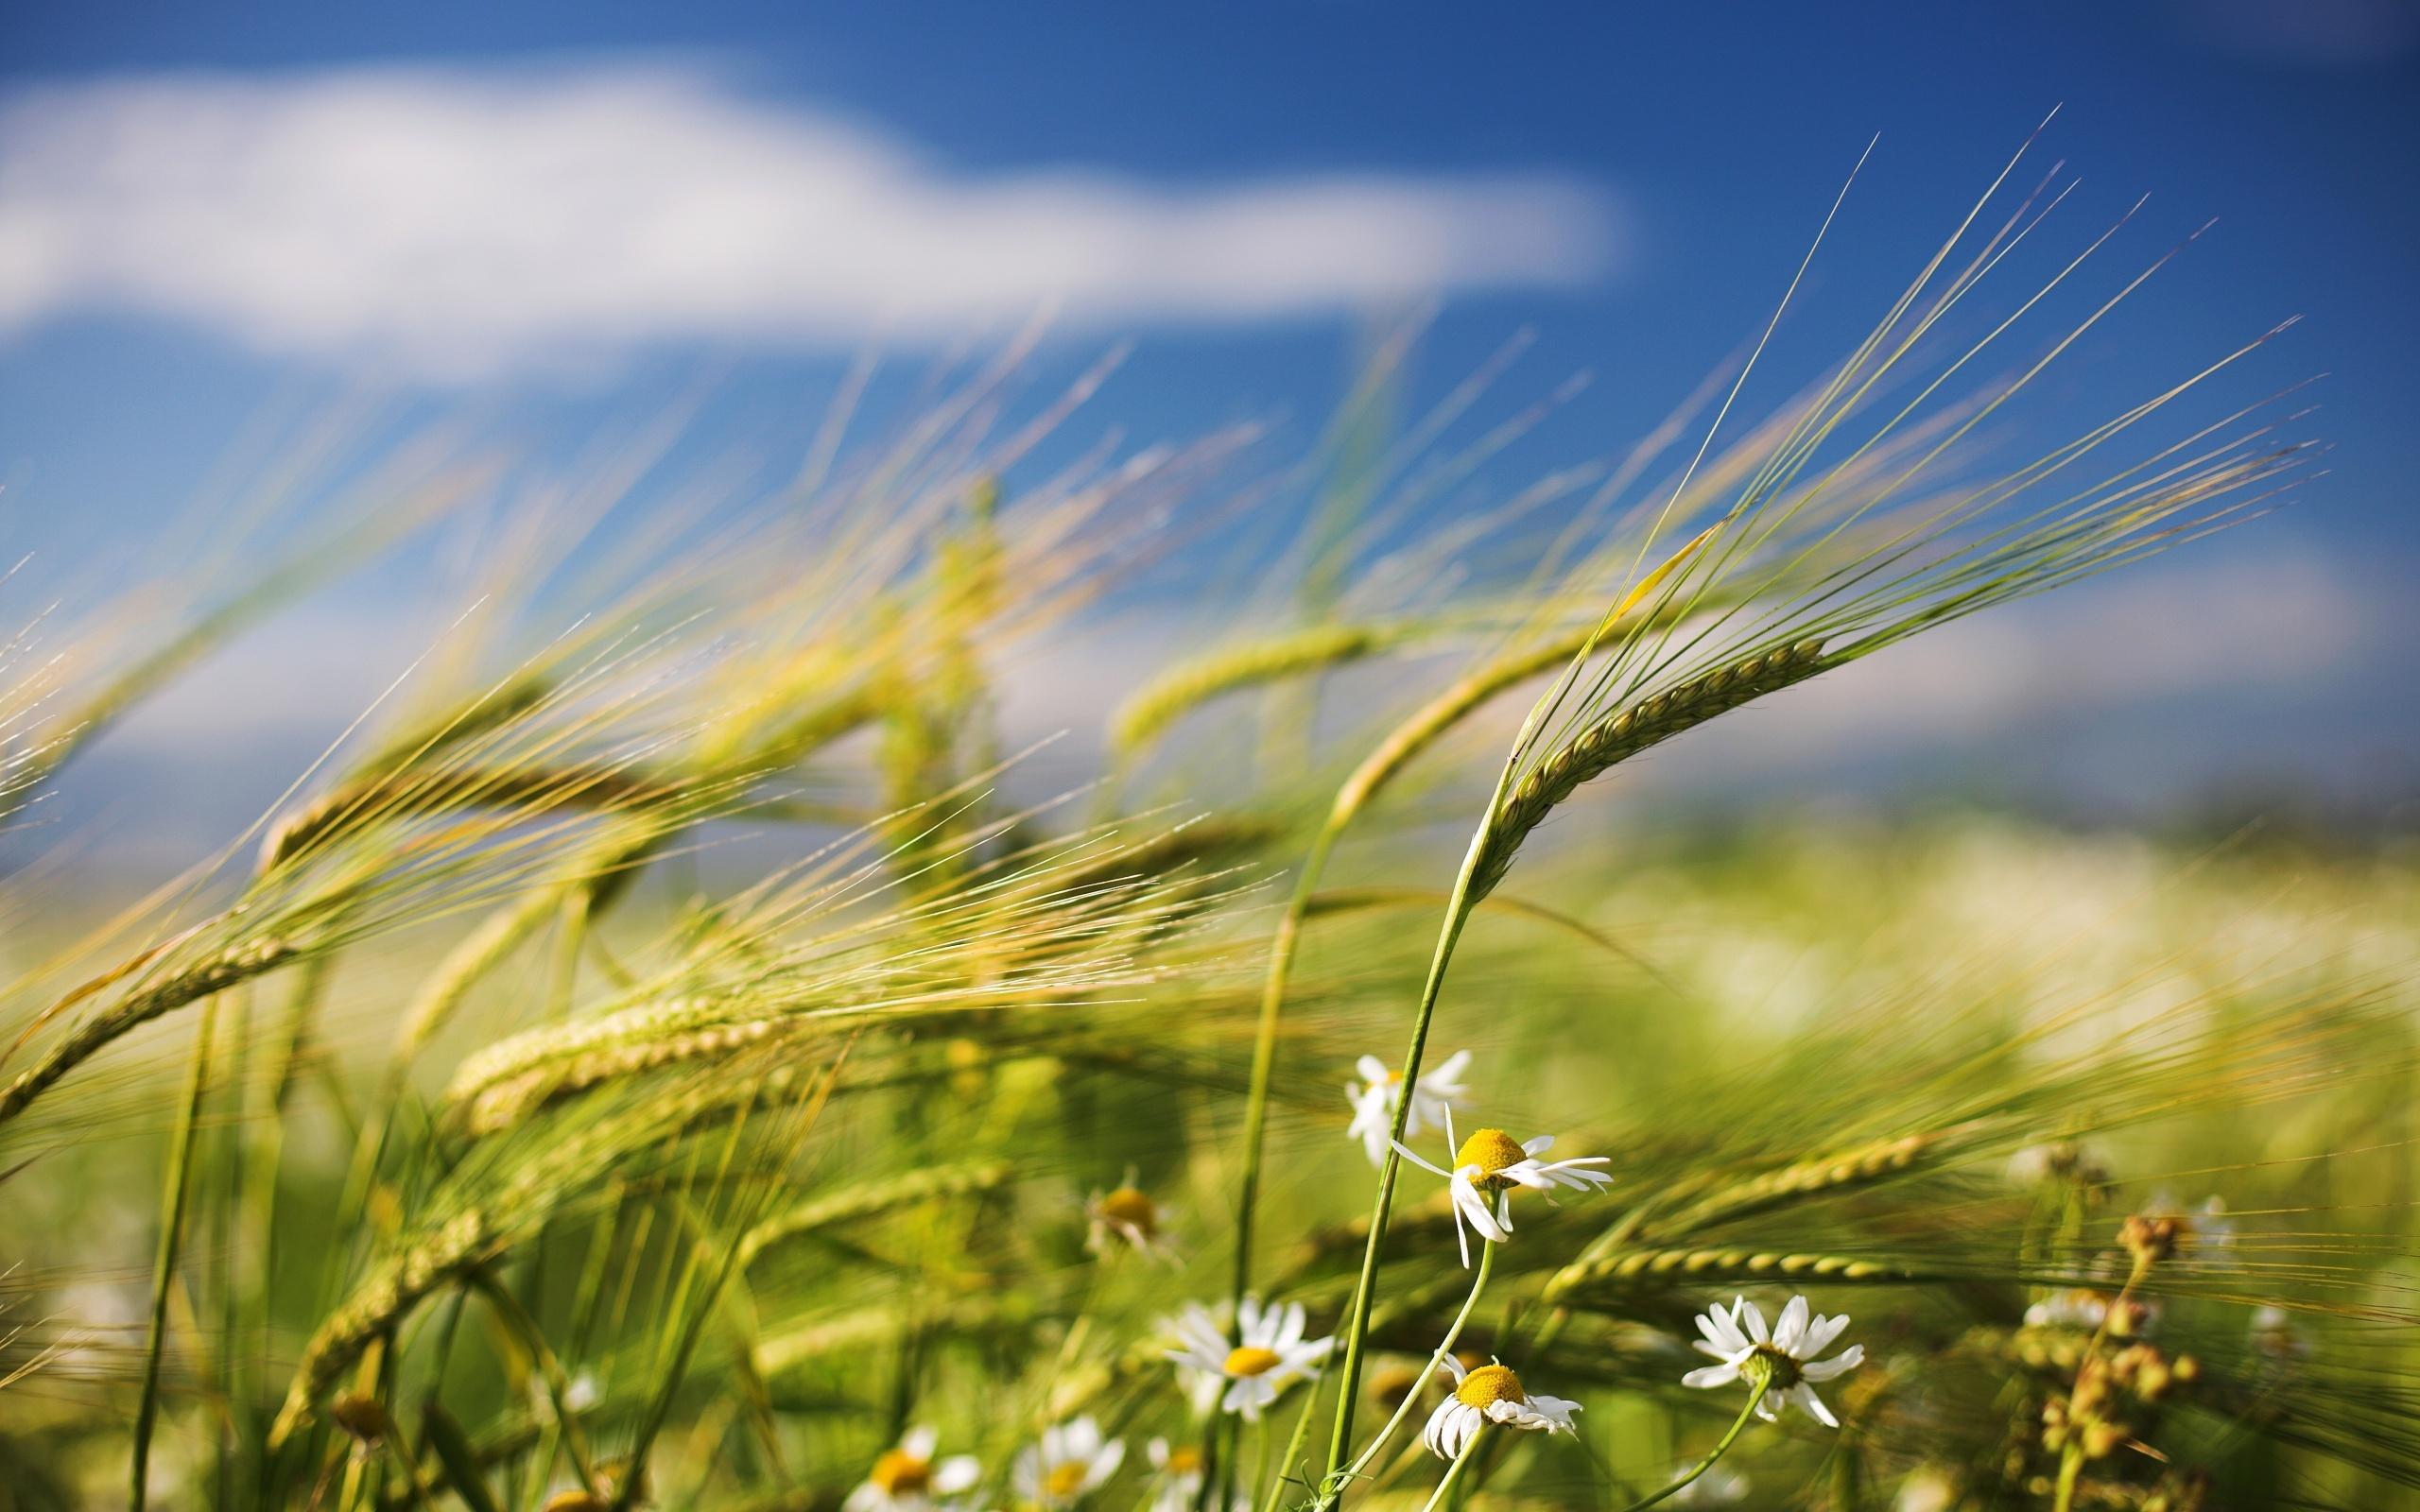 Времето утре во Македонија ќе биде променливо облачно со засилен северен ветер и значително посвежо